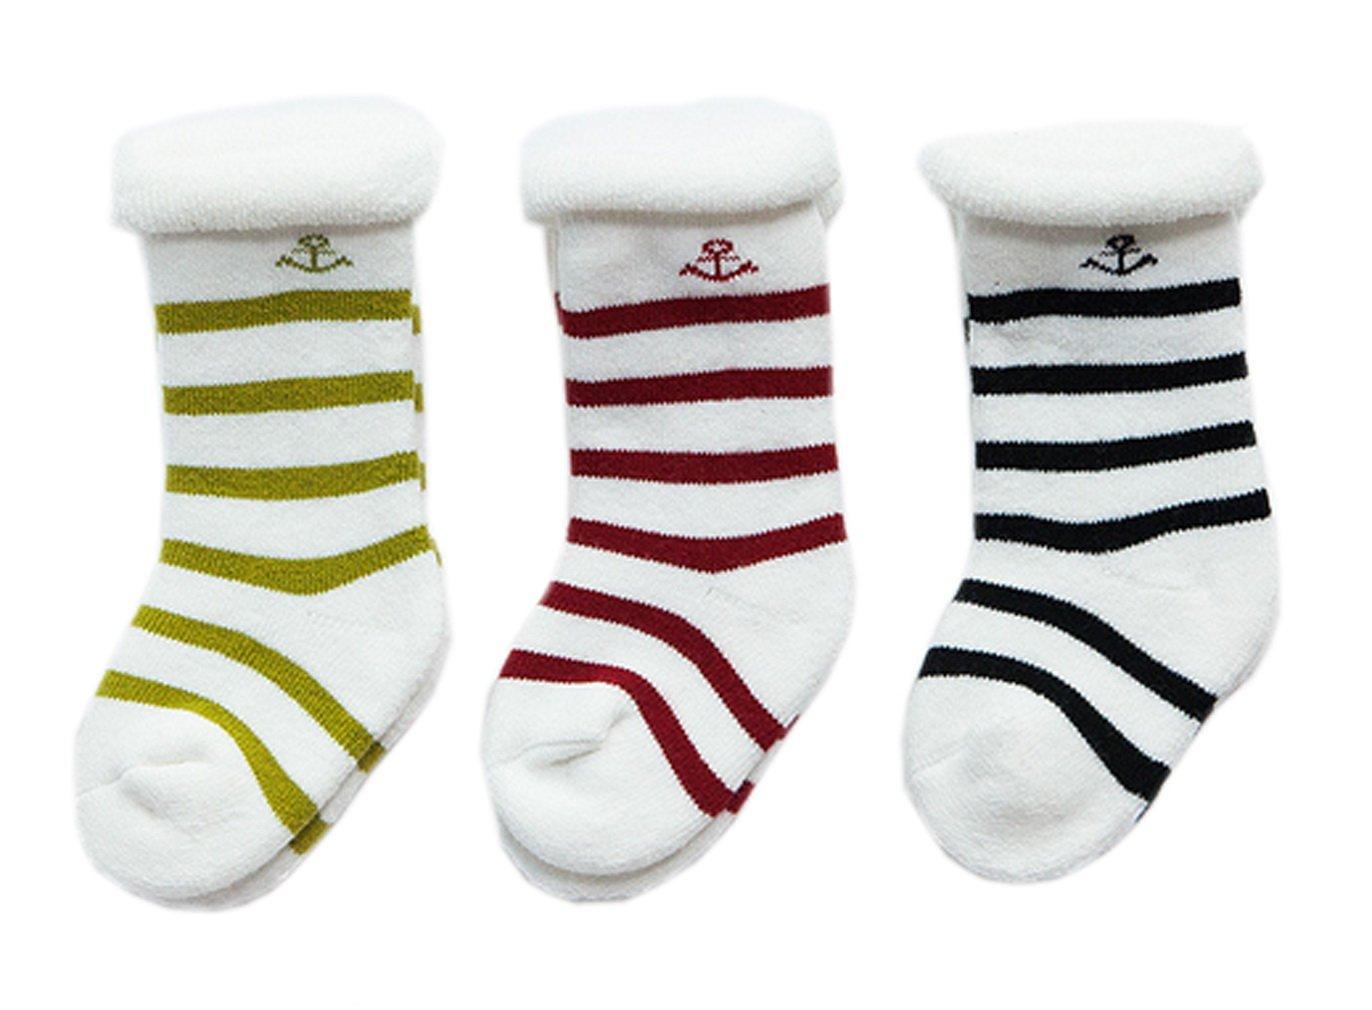 Xiang Ru Baby Mädchen Junge Winter 3 Paar Socken Wintersocken Füßlinge Babysocken In 3 Größen AA171228219